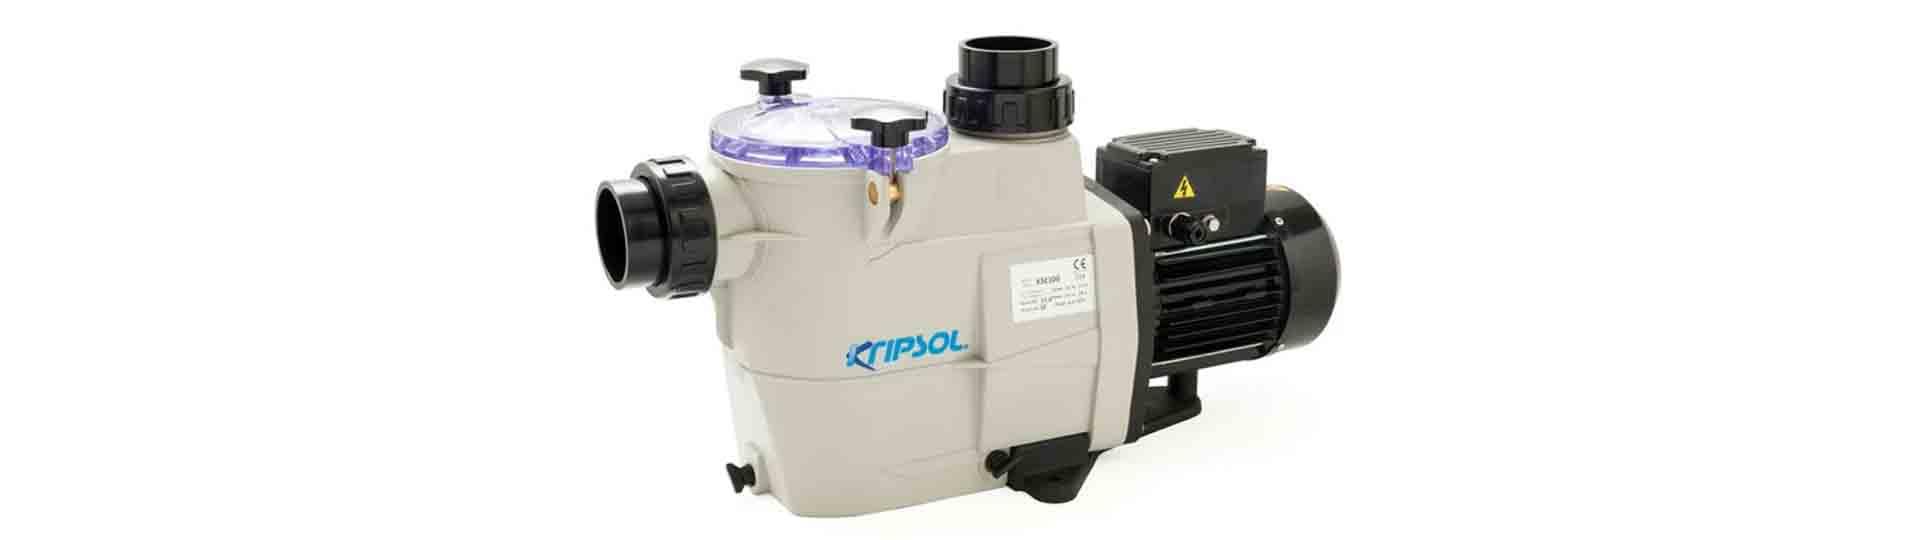 kripsol pump kse model dubai